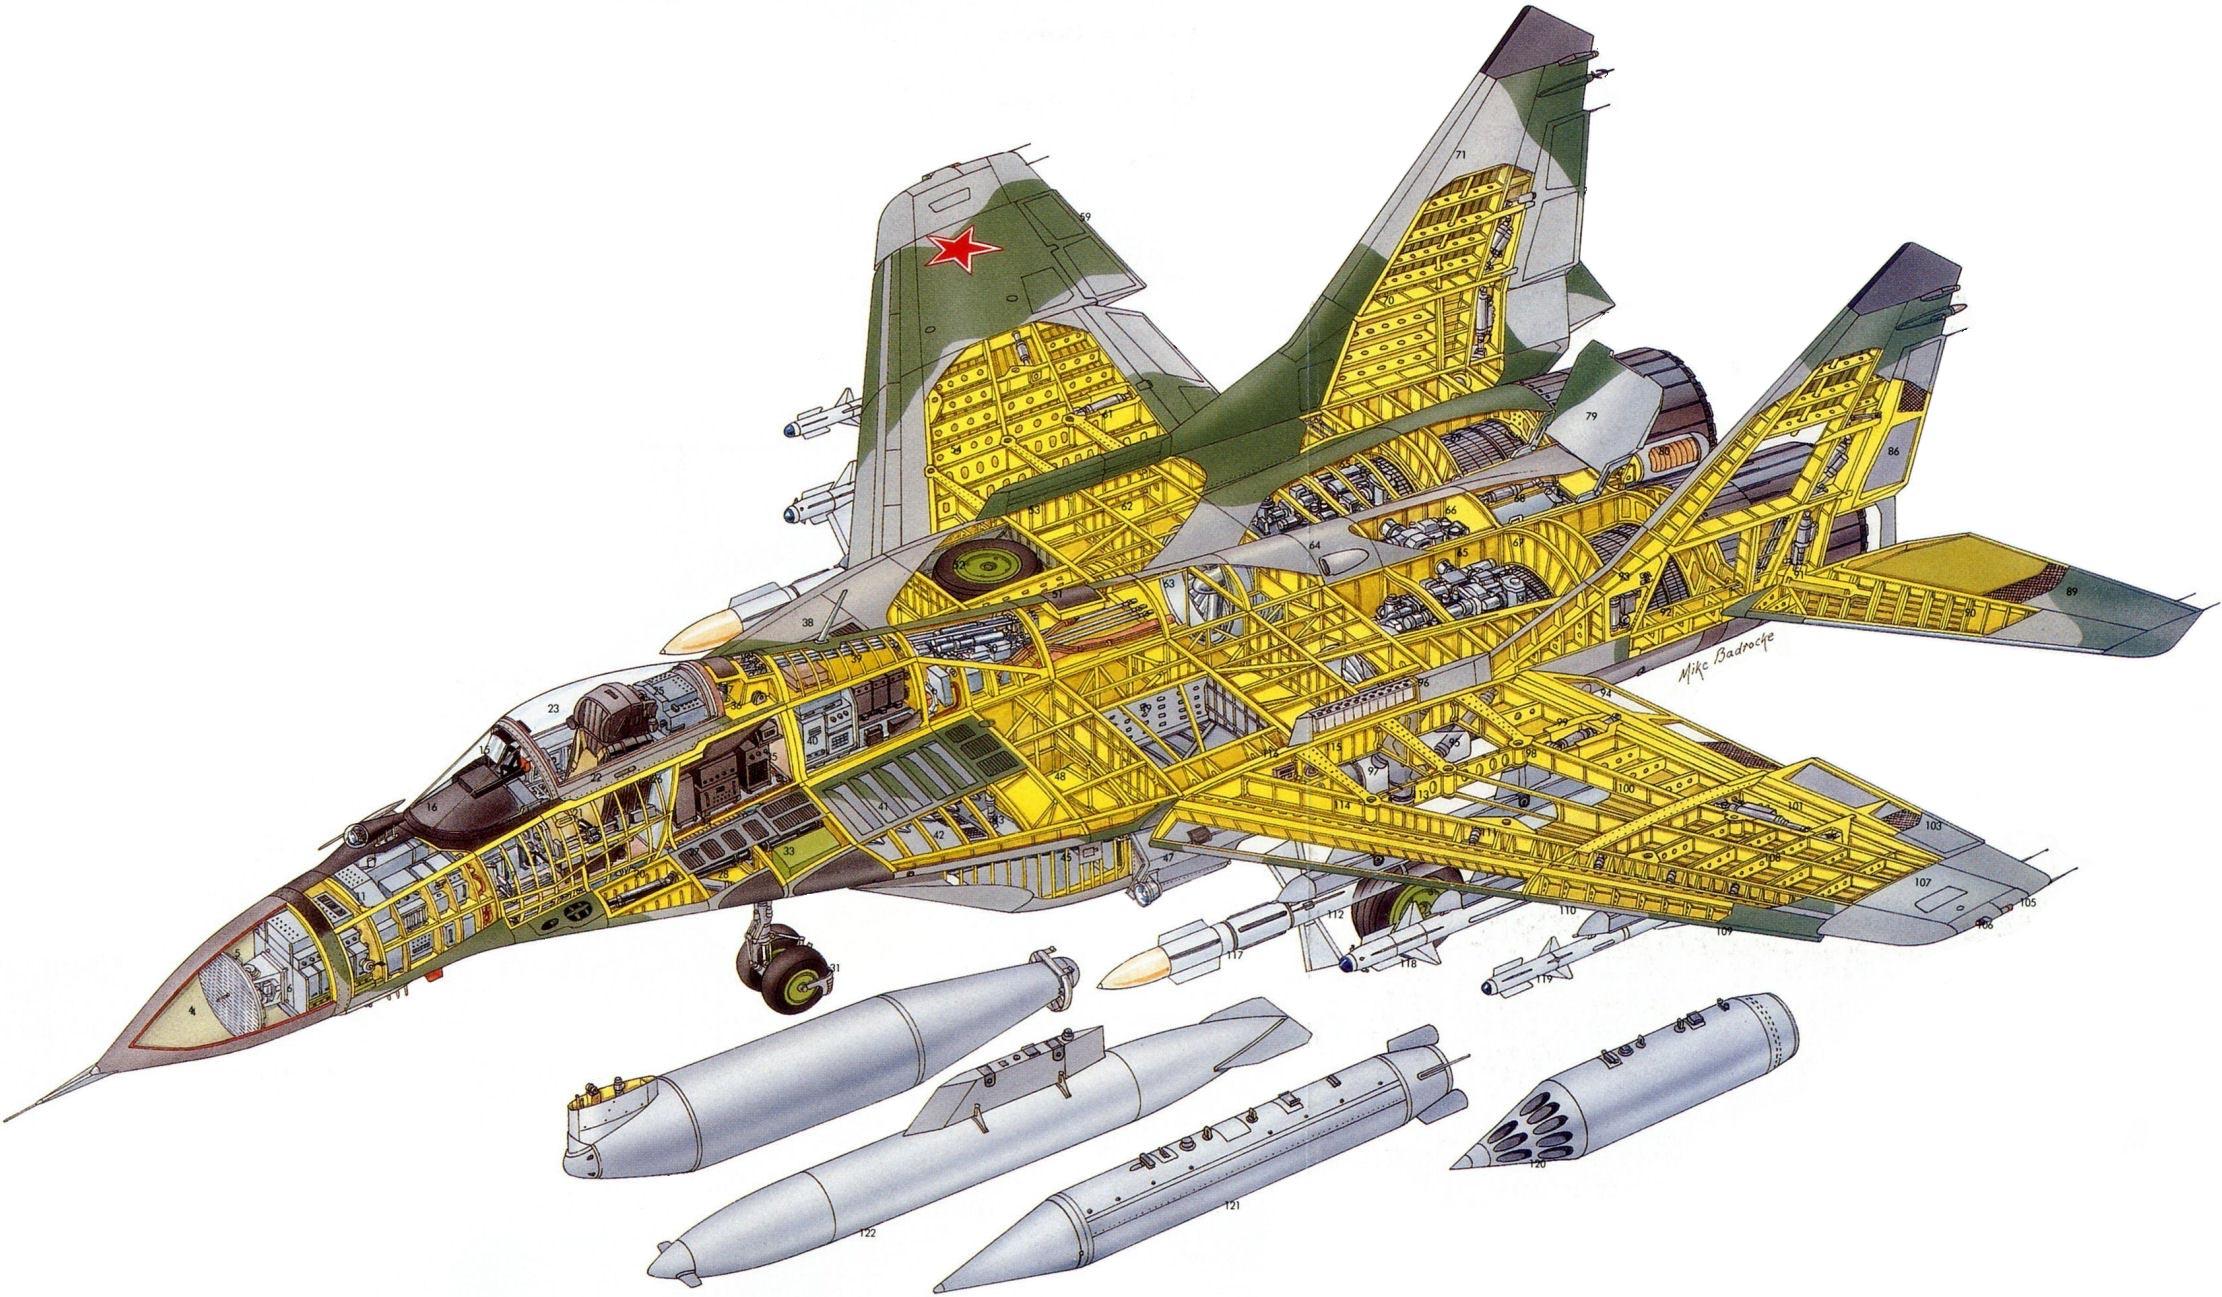 MiG-29 cutaway drawing